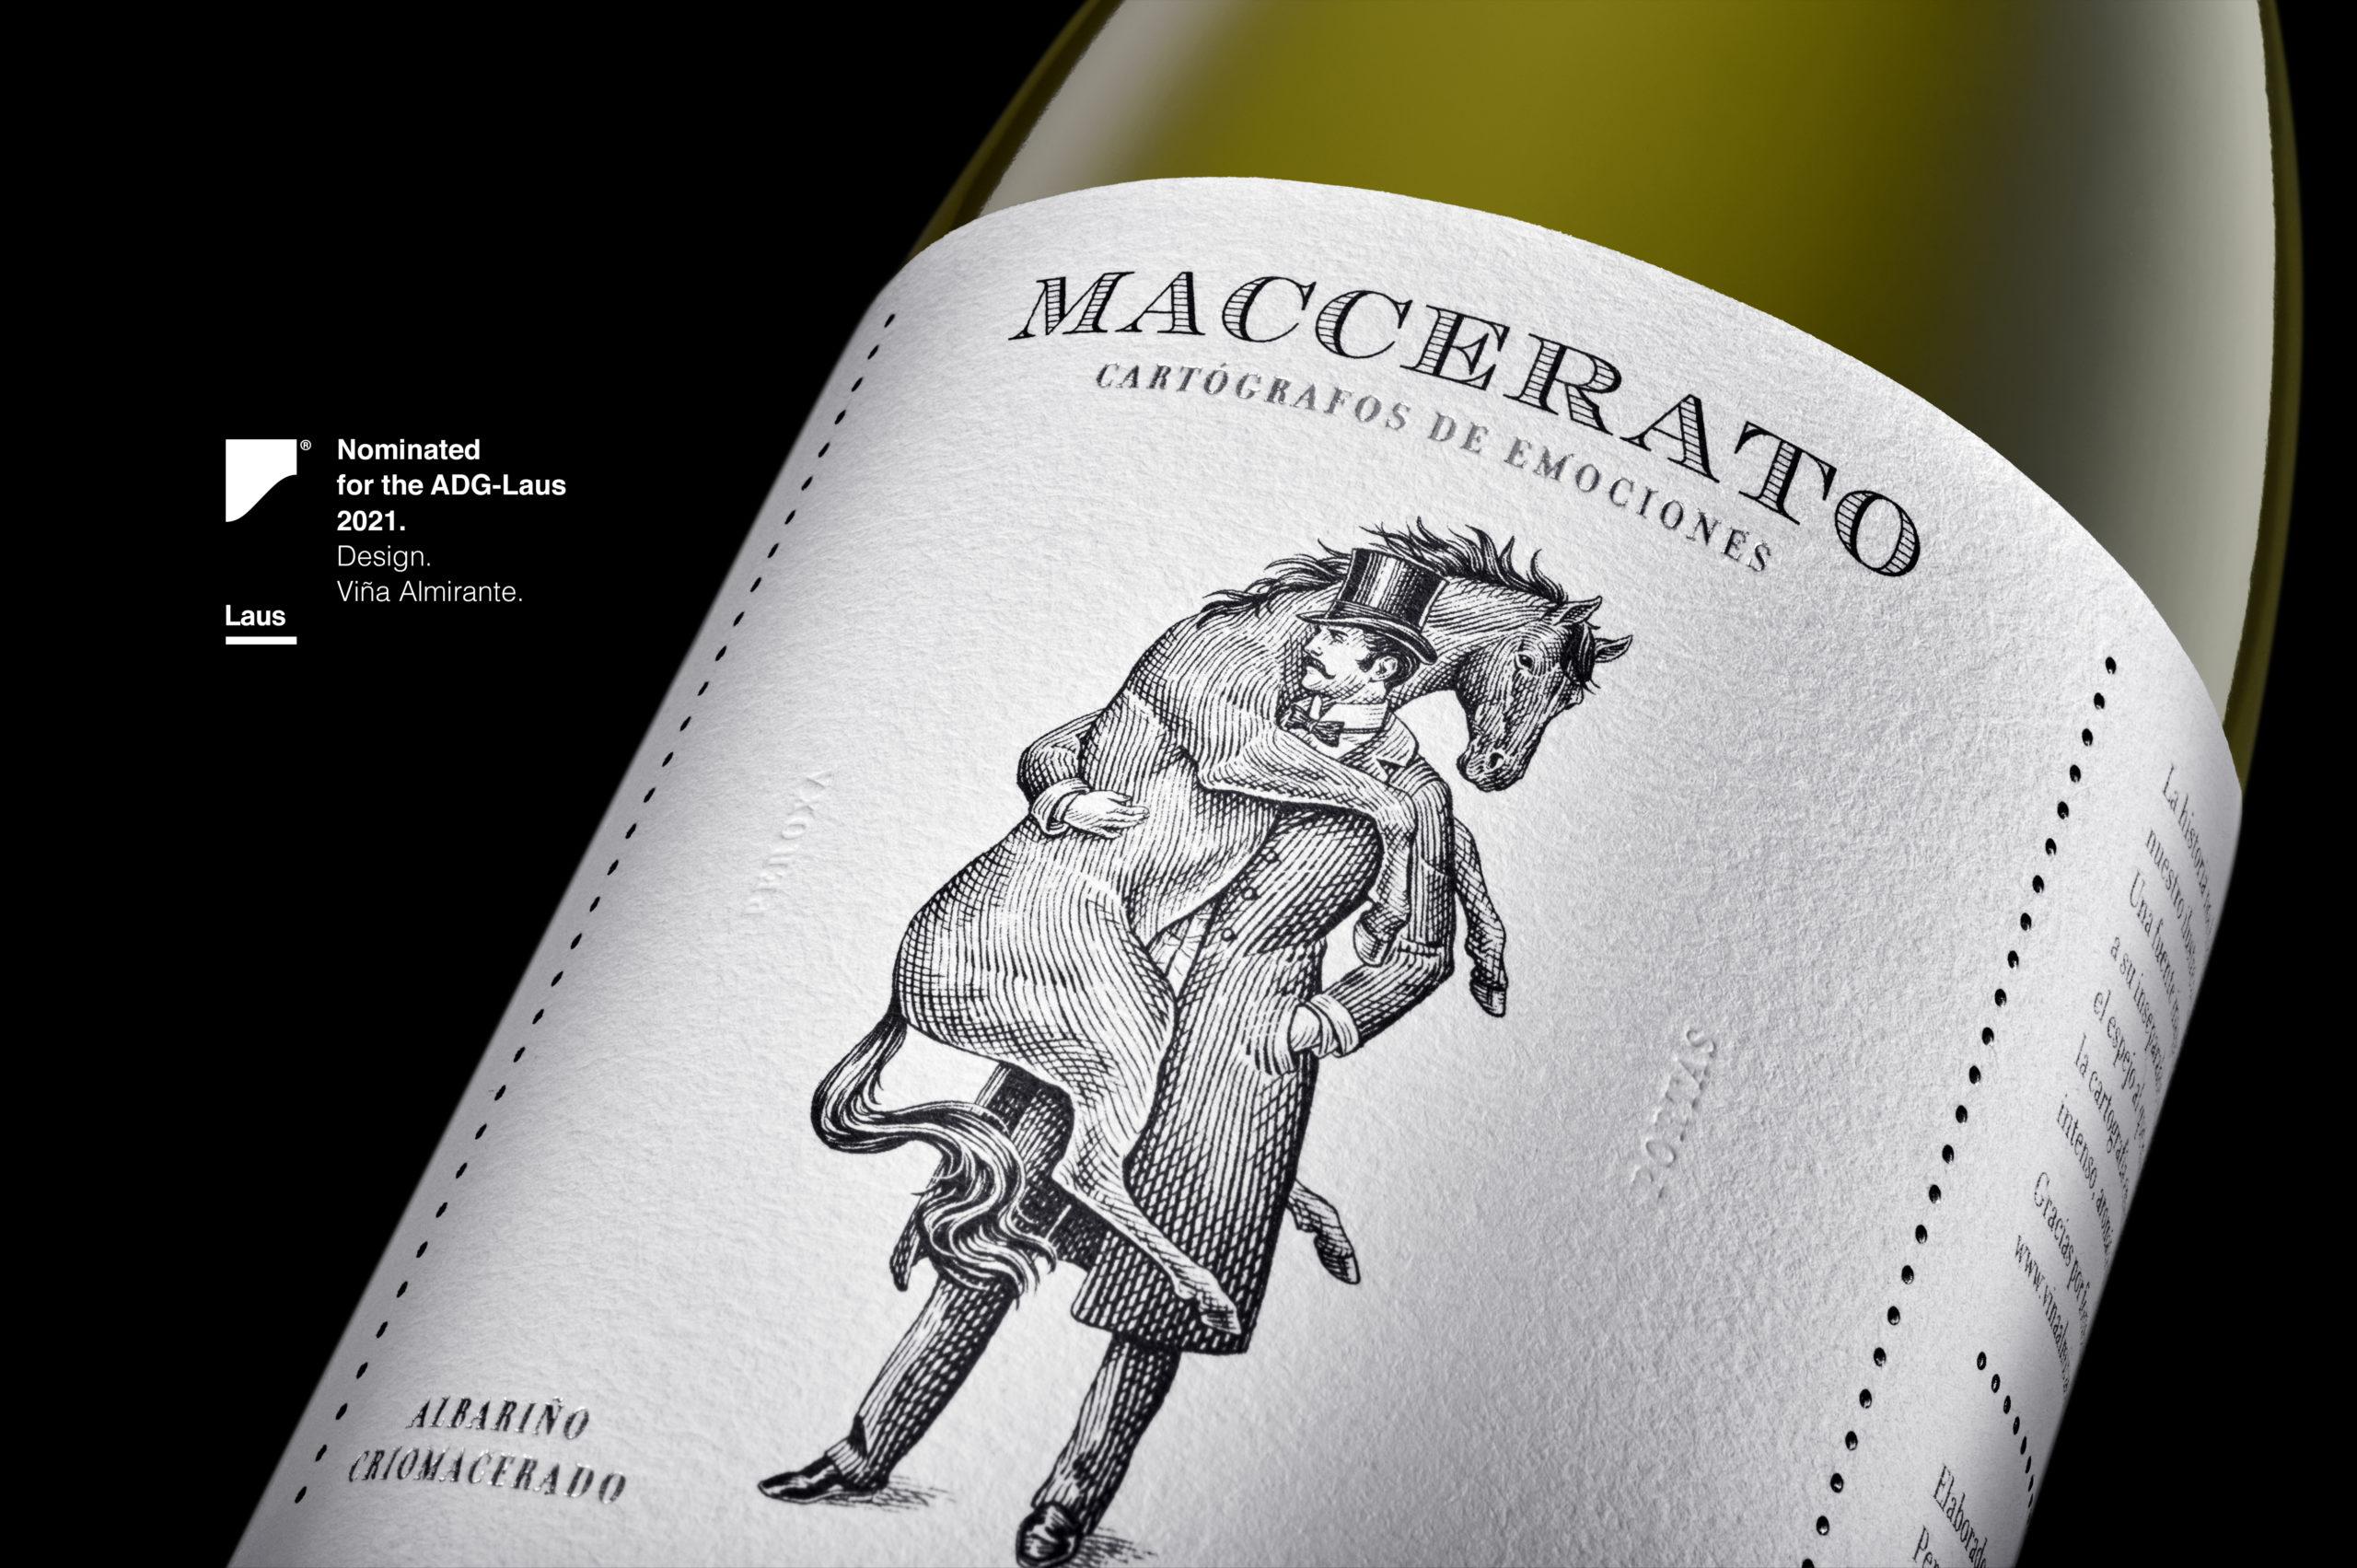 header-web-2021-maccerato-packaging-vina-almirante-rias-baixas-albarino-roberto-nunez-studio-award-laus-barcelona-2021